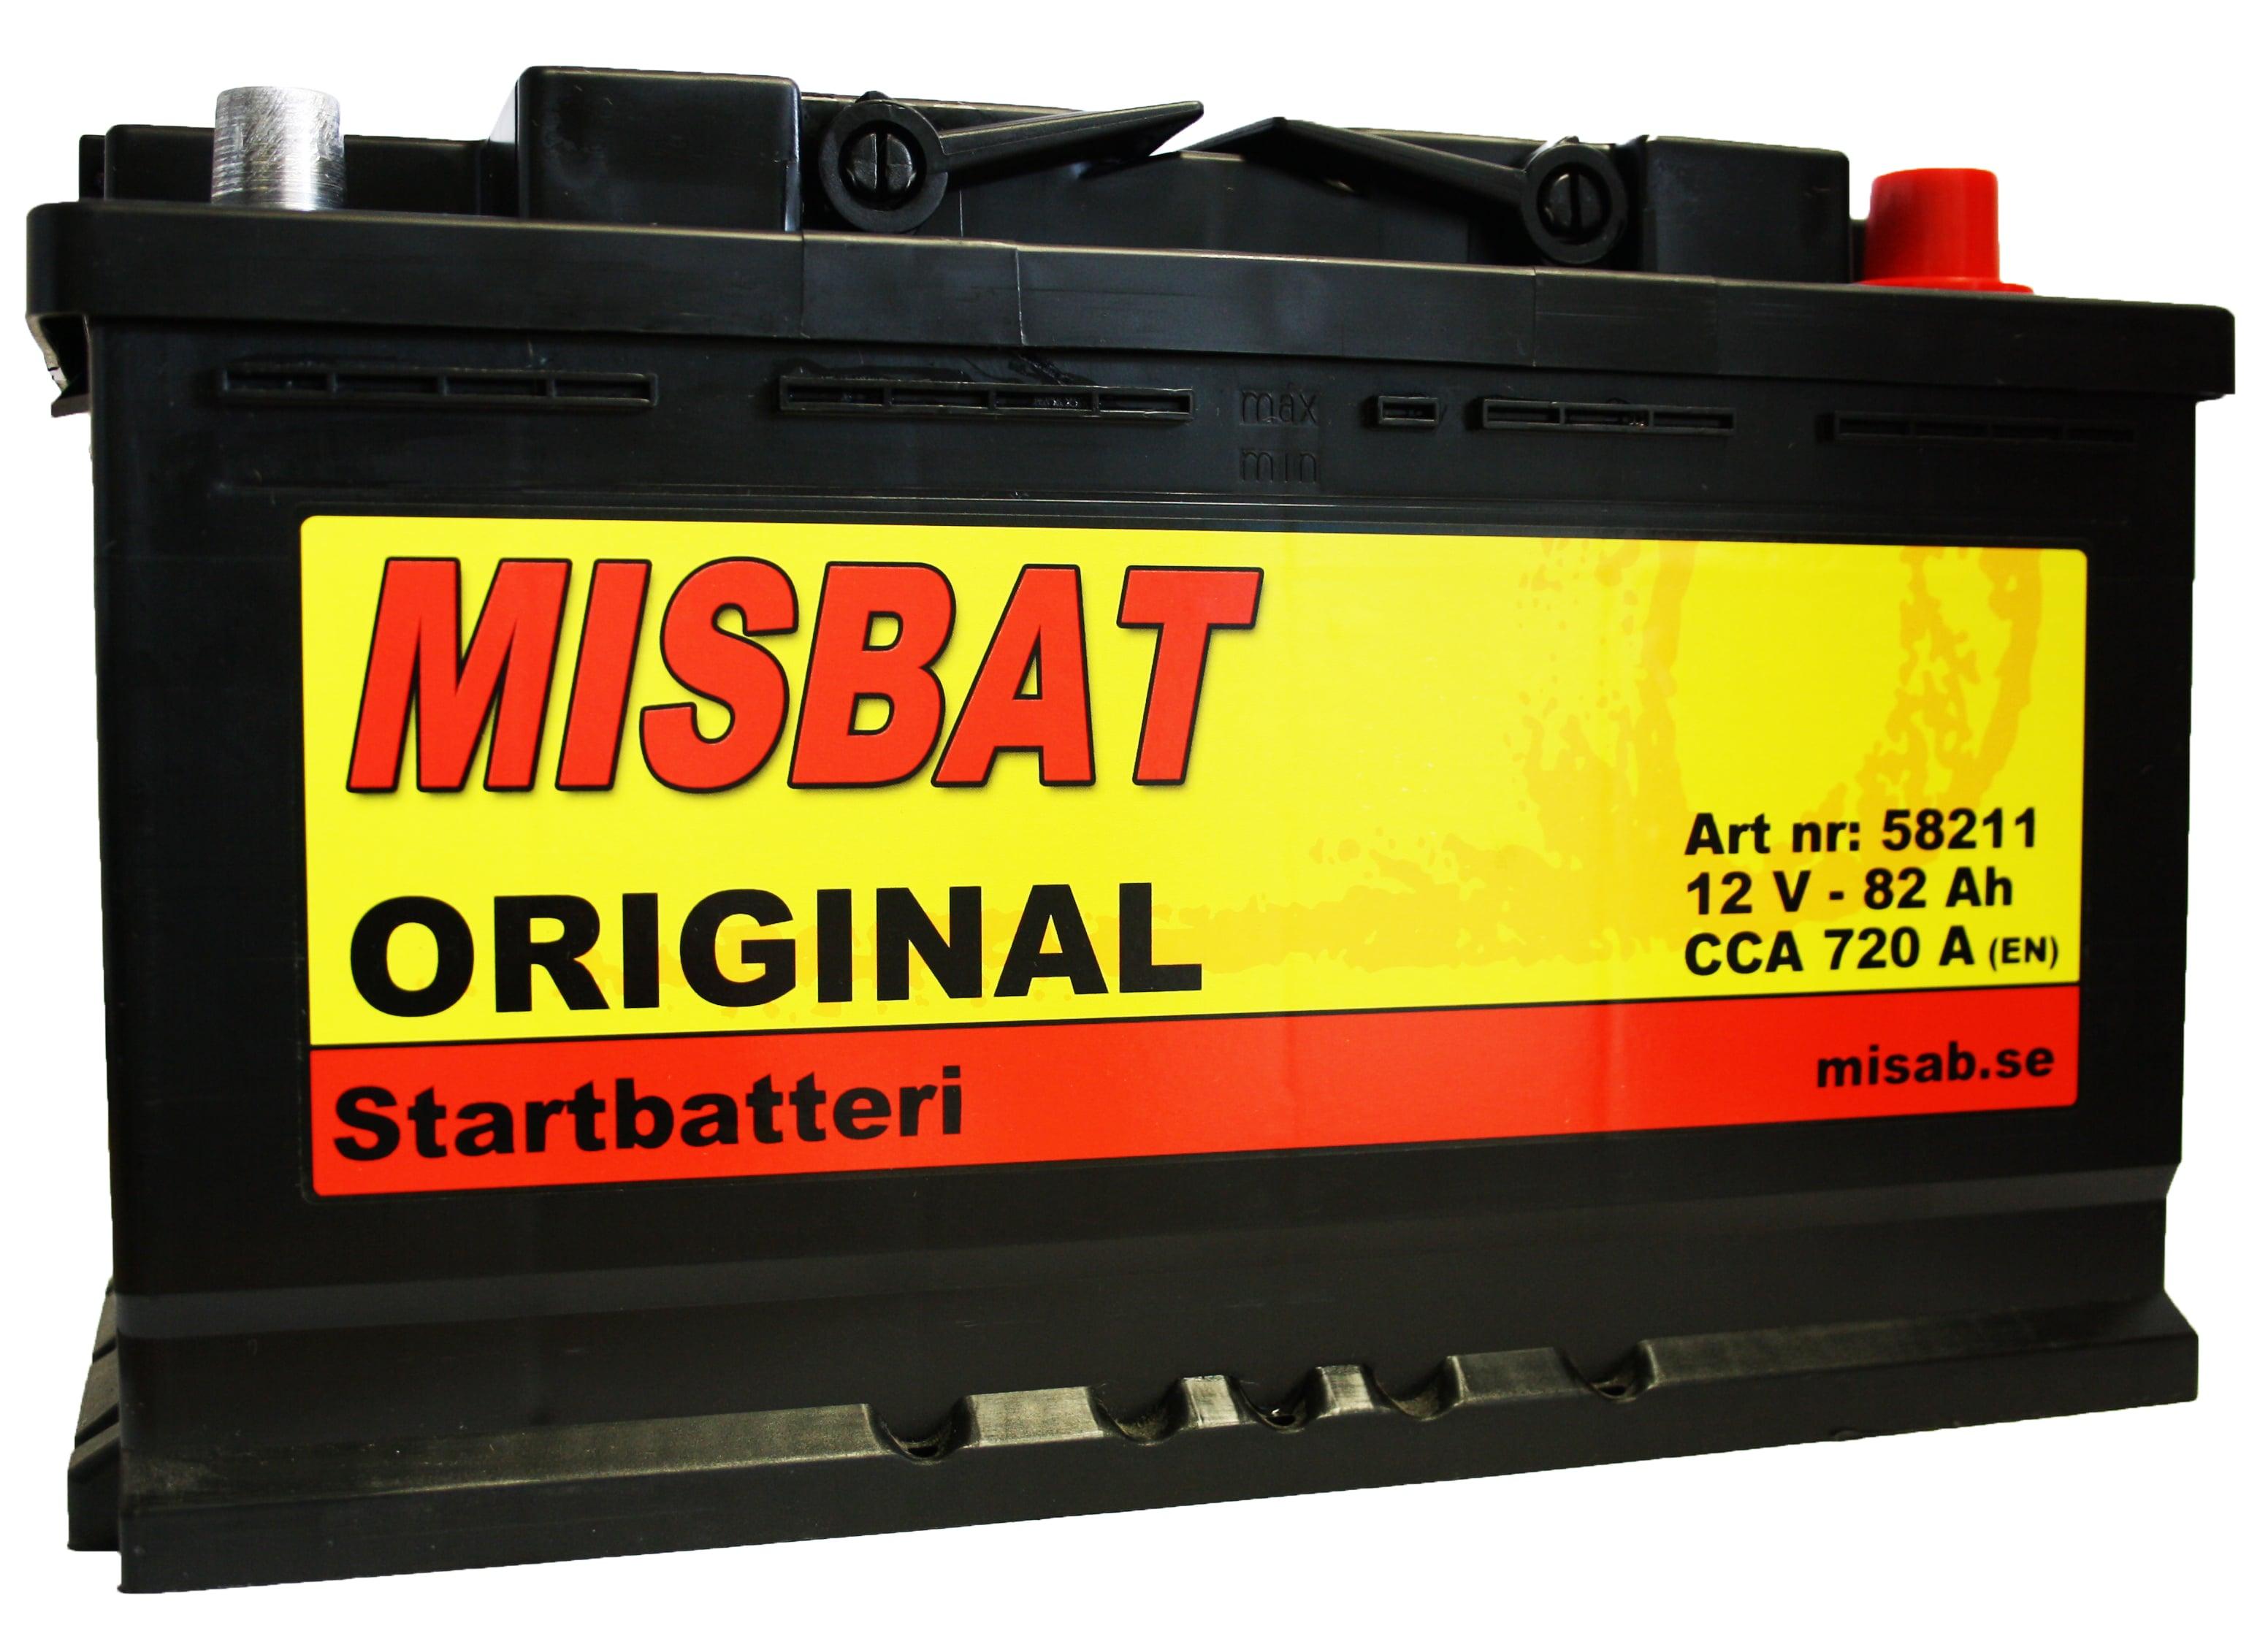 MISBAT ORIGINAL 95 AH